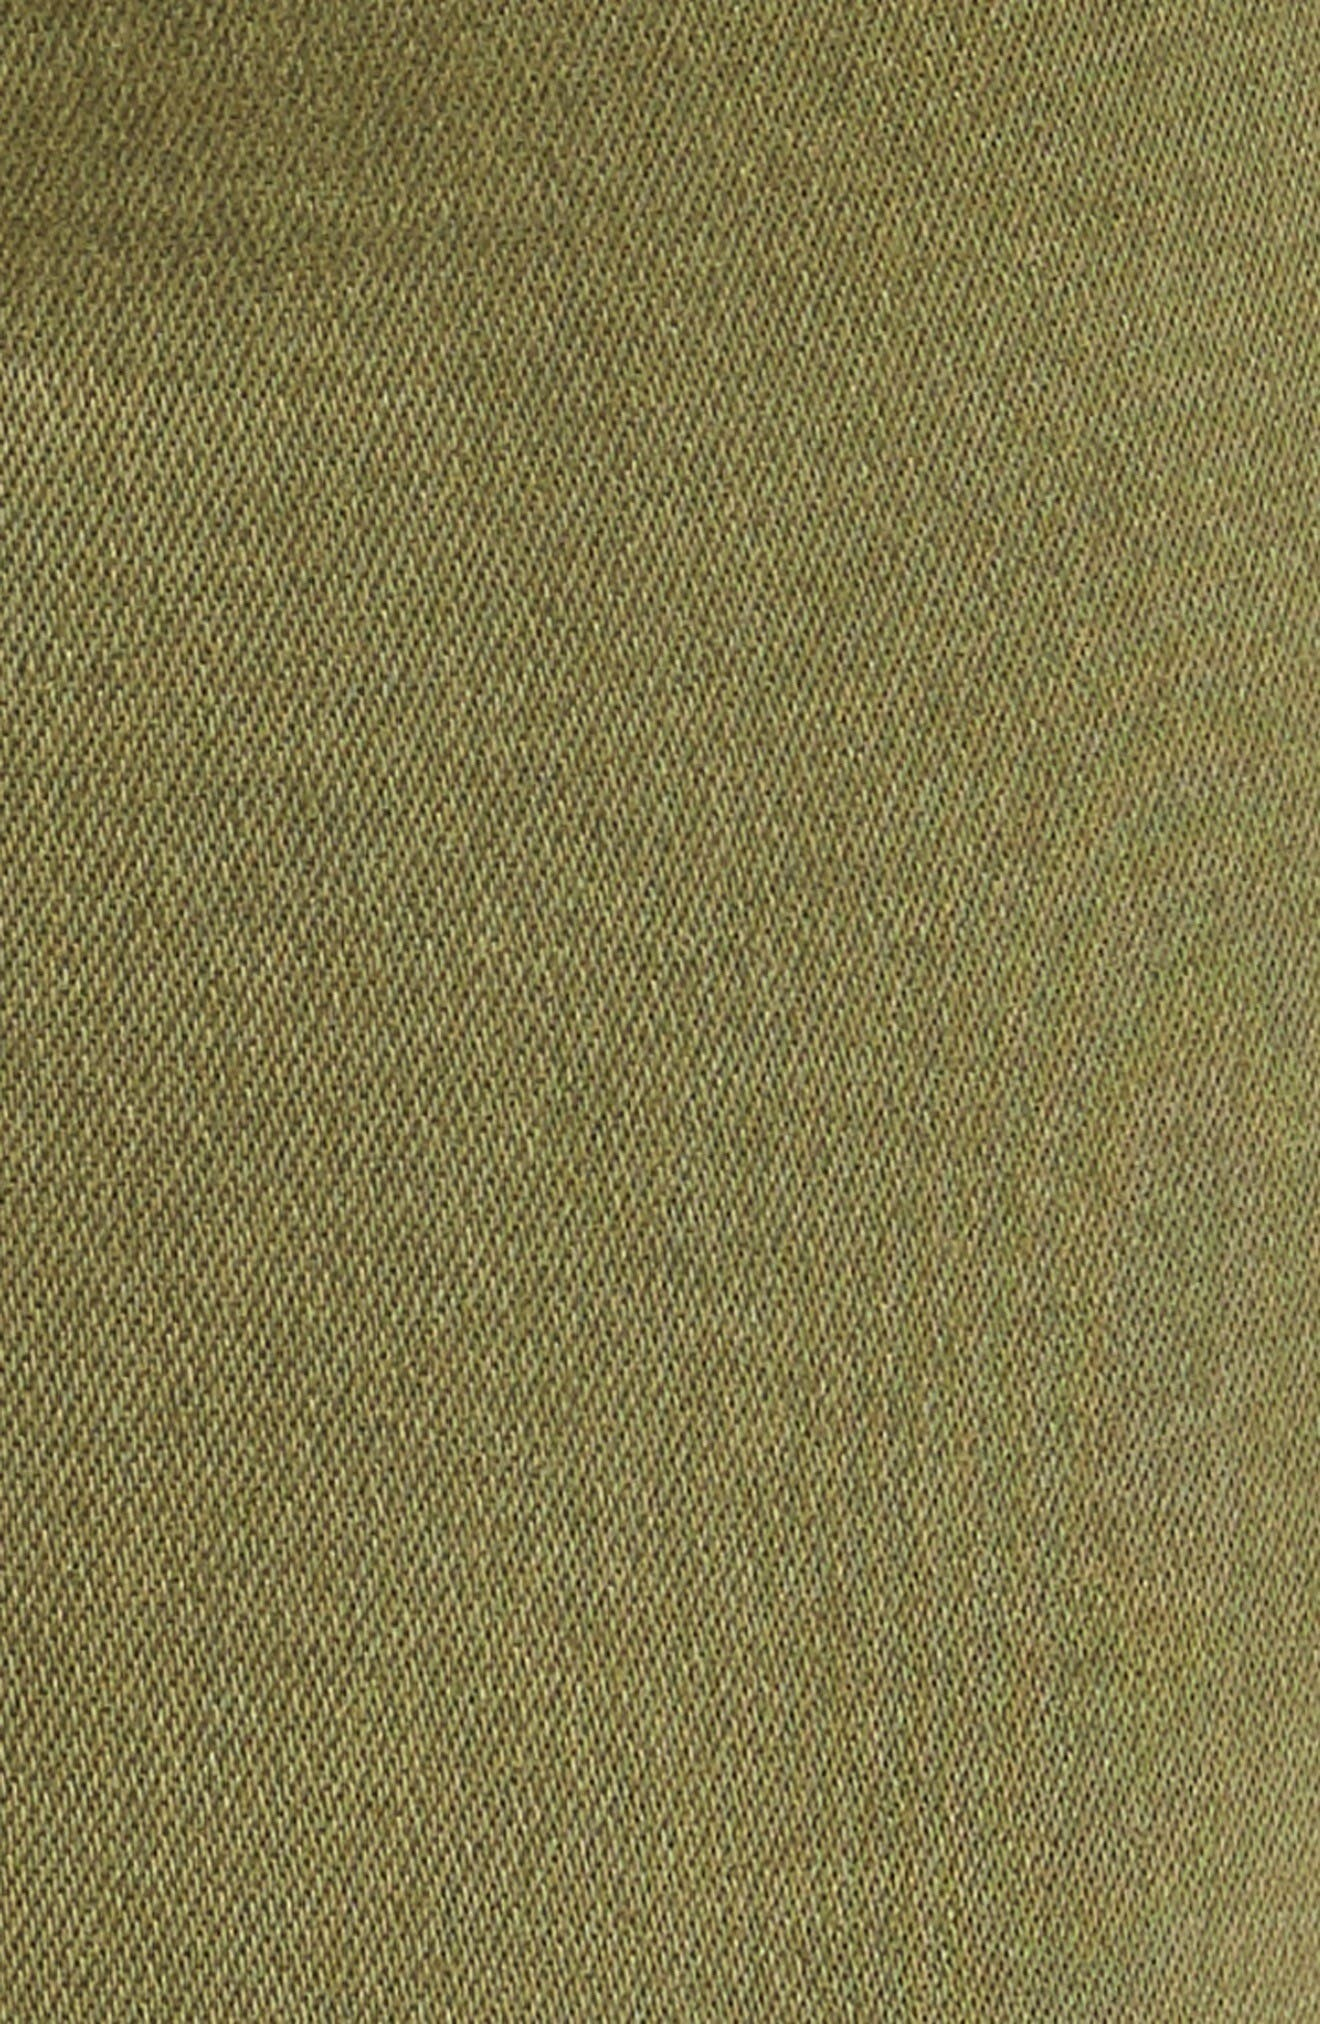 Natalie Frayed Hem Denim Bermuda Shorts,                             Alternate thumbnail 5, color,                             Olive